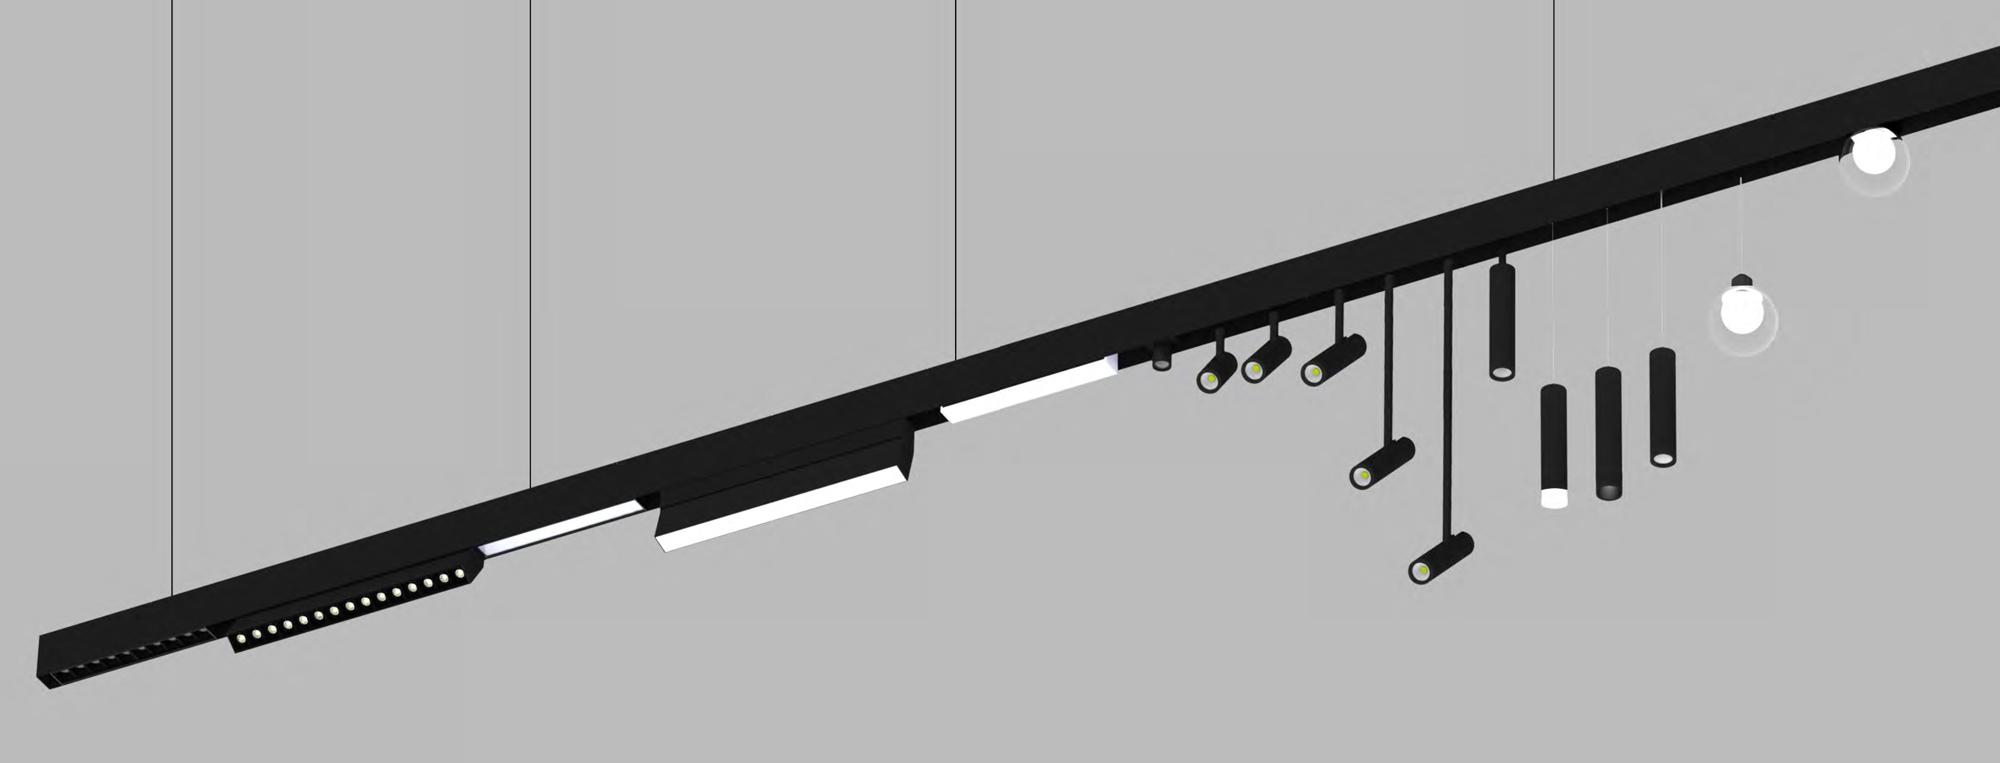 LED Lichtbandsystem Magneta mit magnetischen Lichteinsätzen